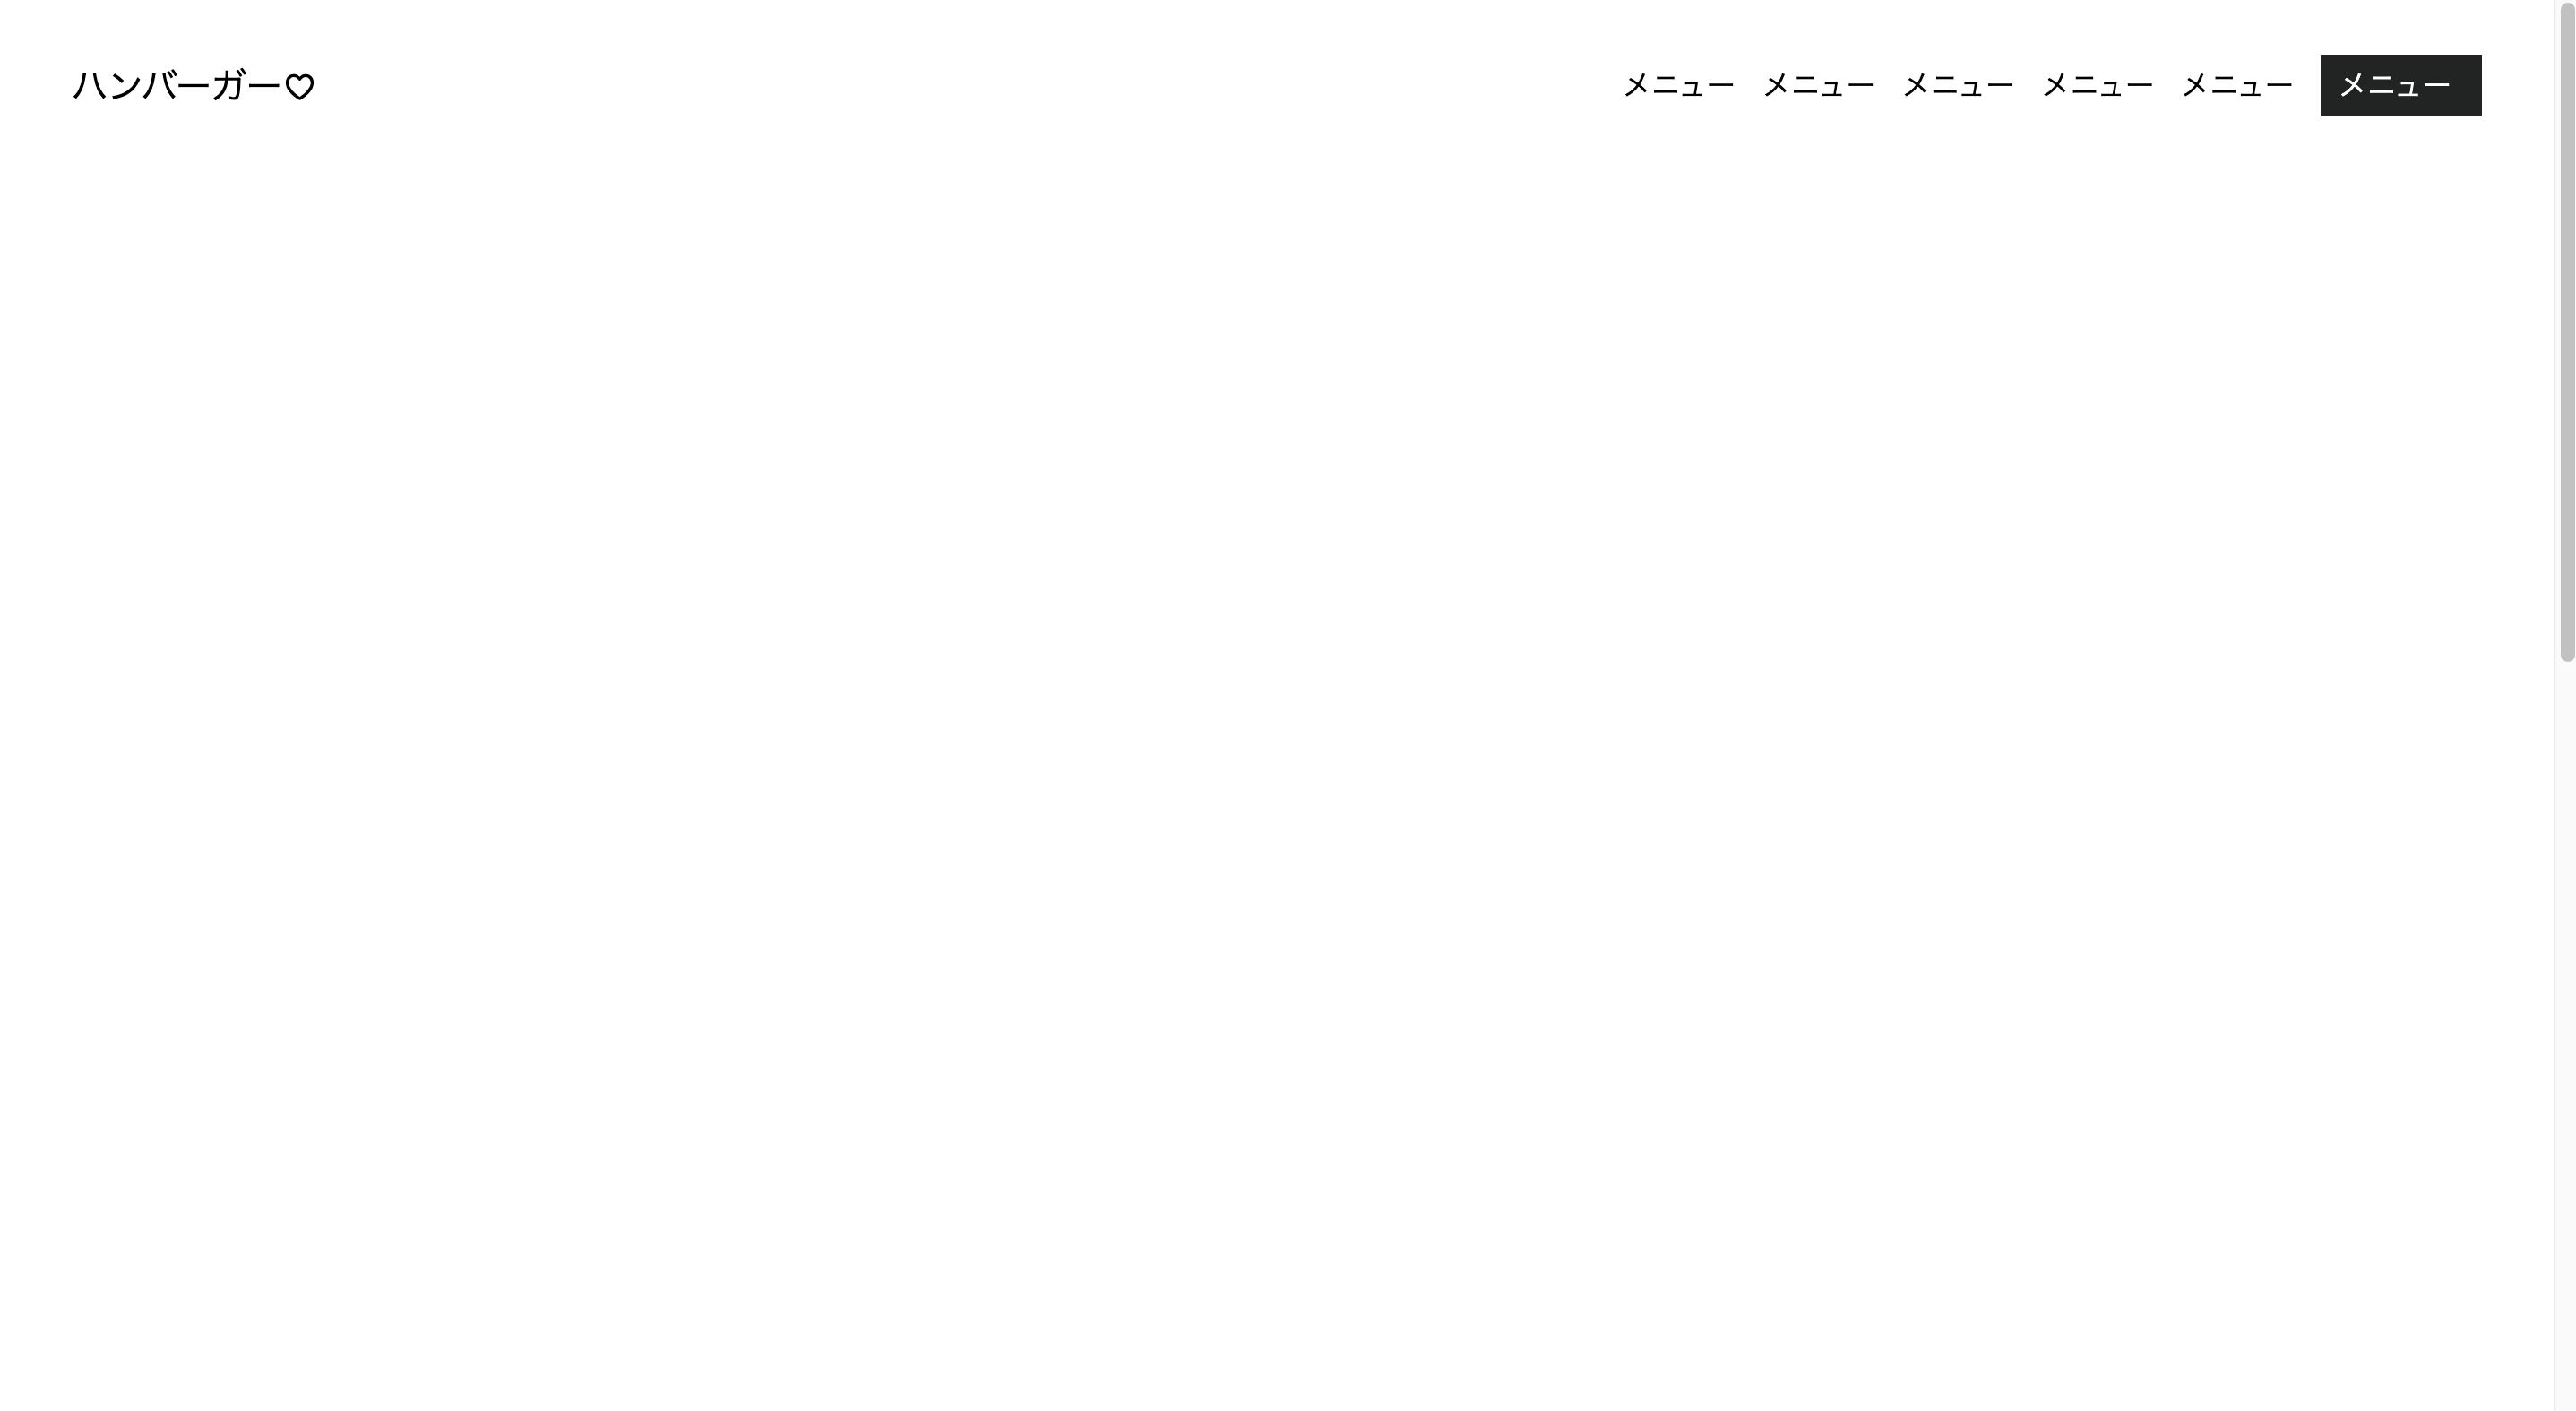 スクリーンショット 2021-02-10 21.09.32.png